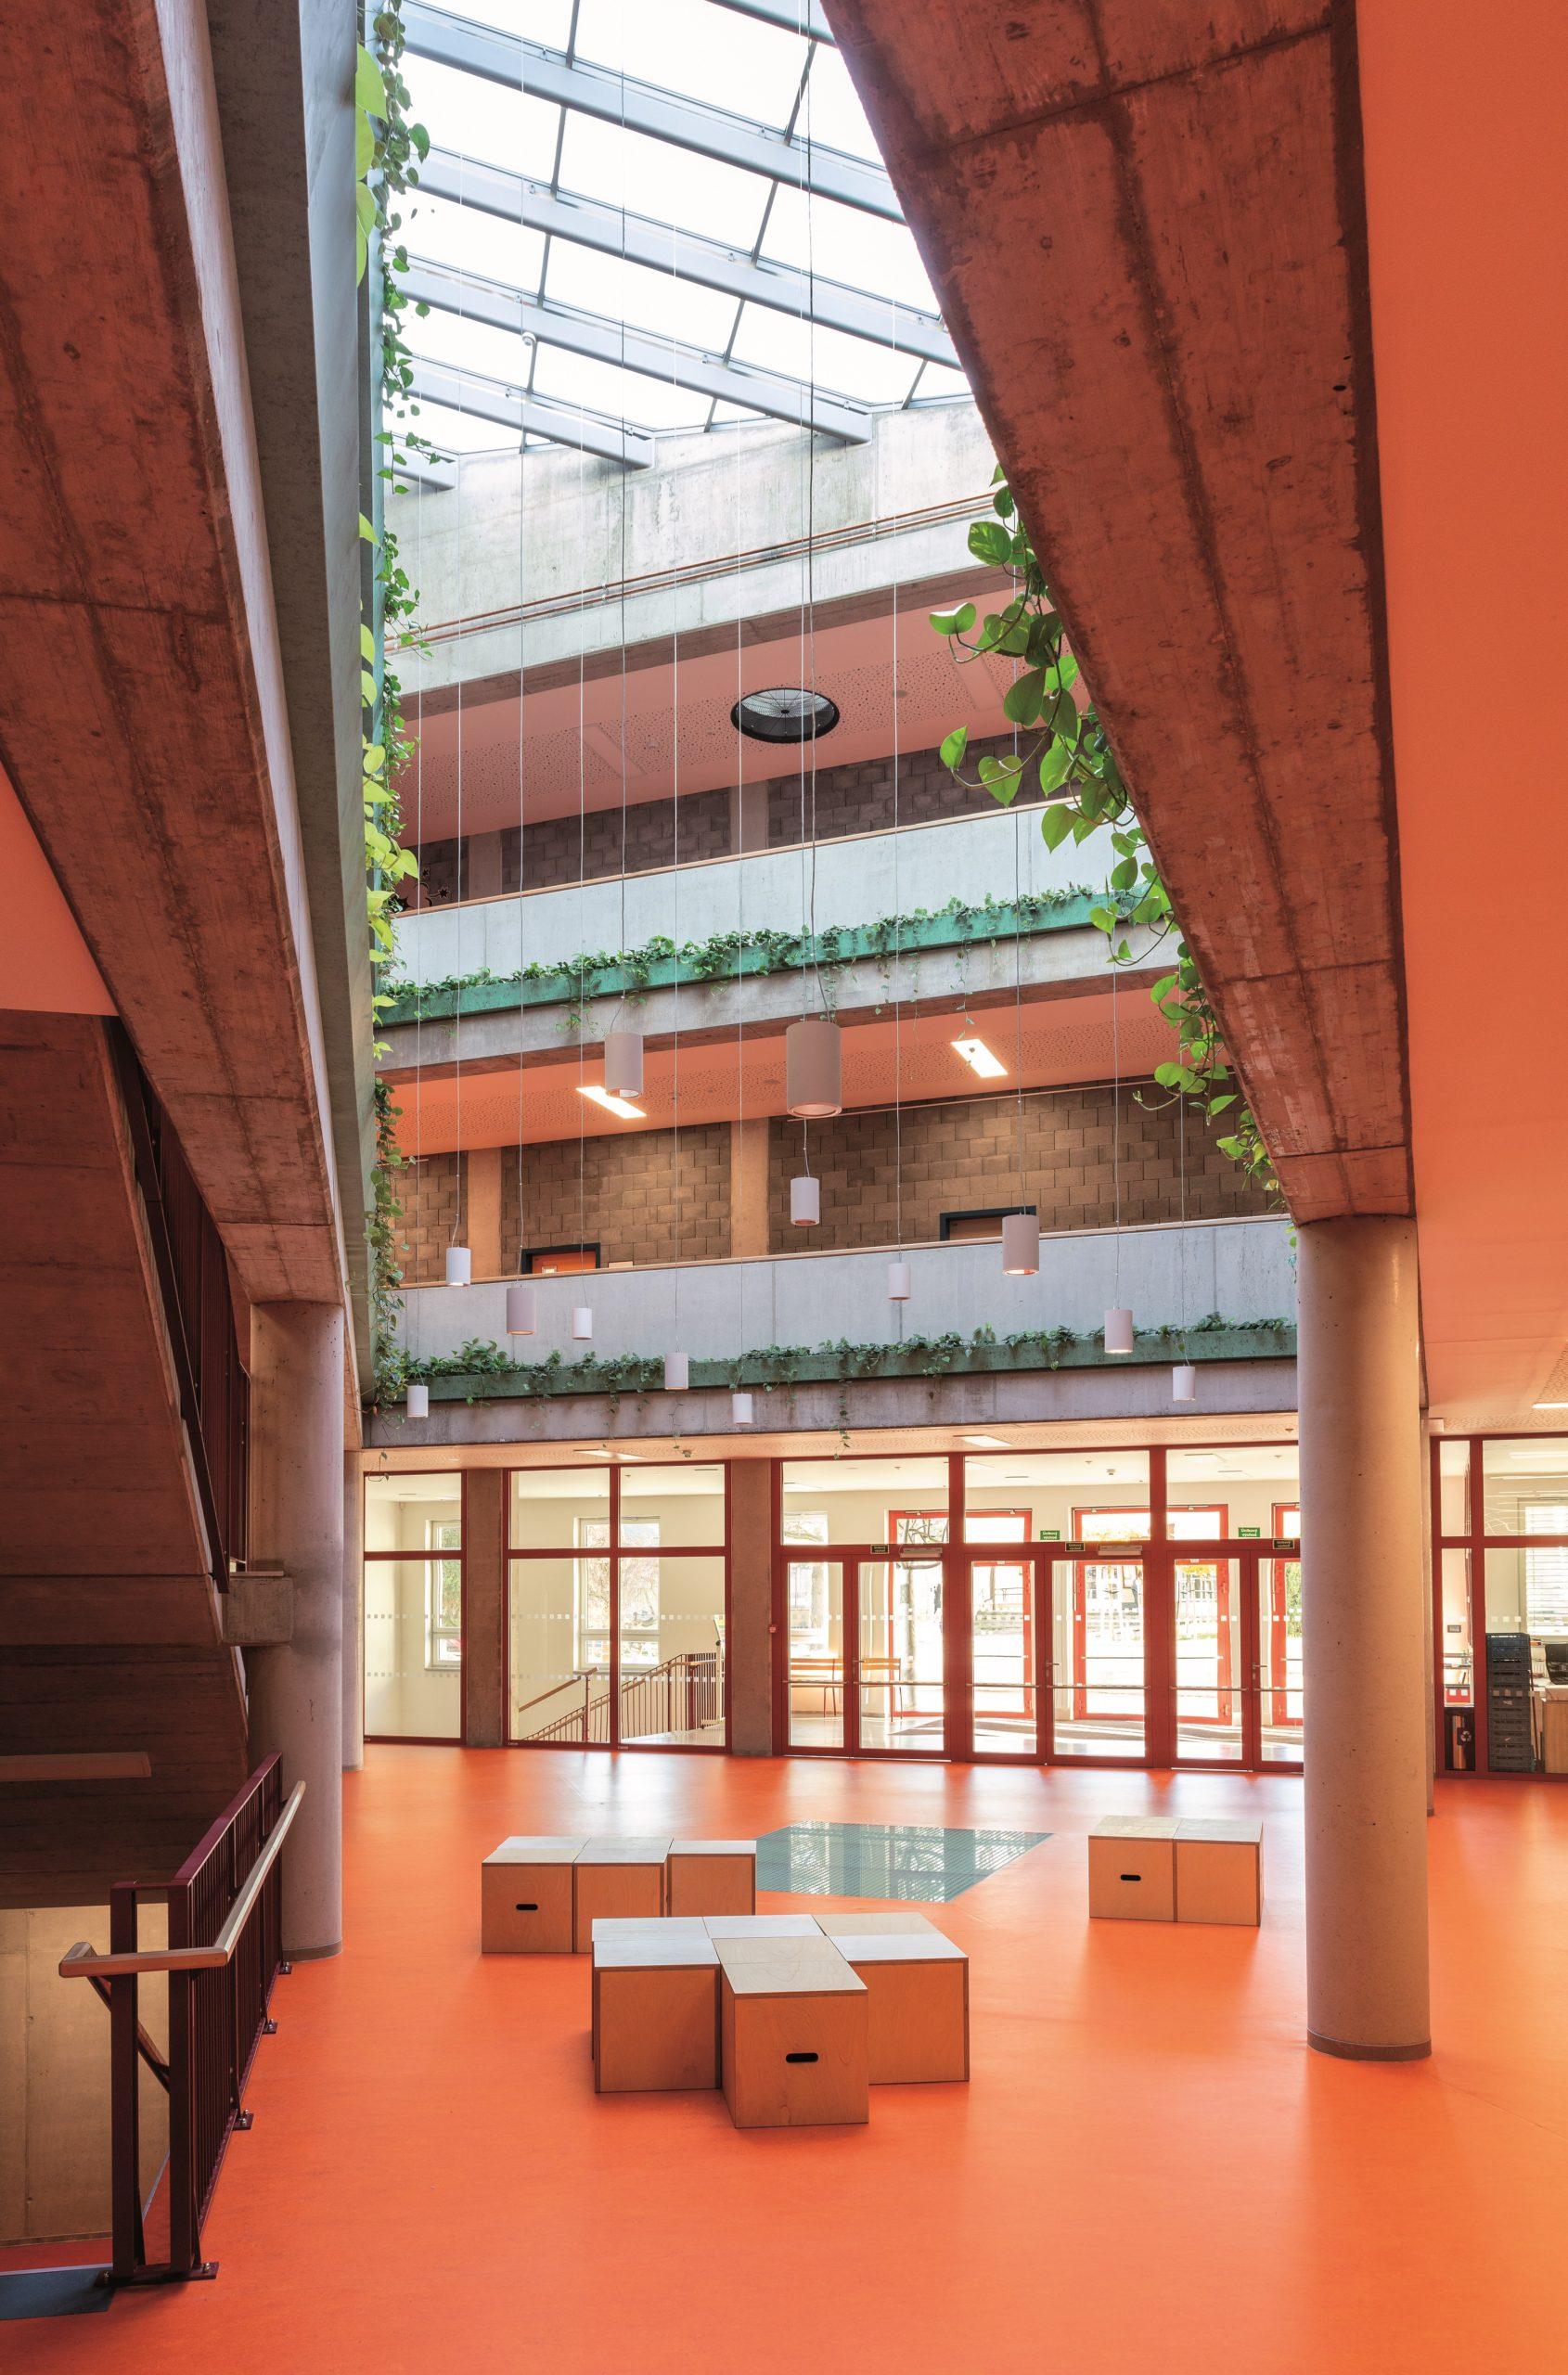 Základní škola ve Zdicích, vstupní atrium